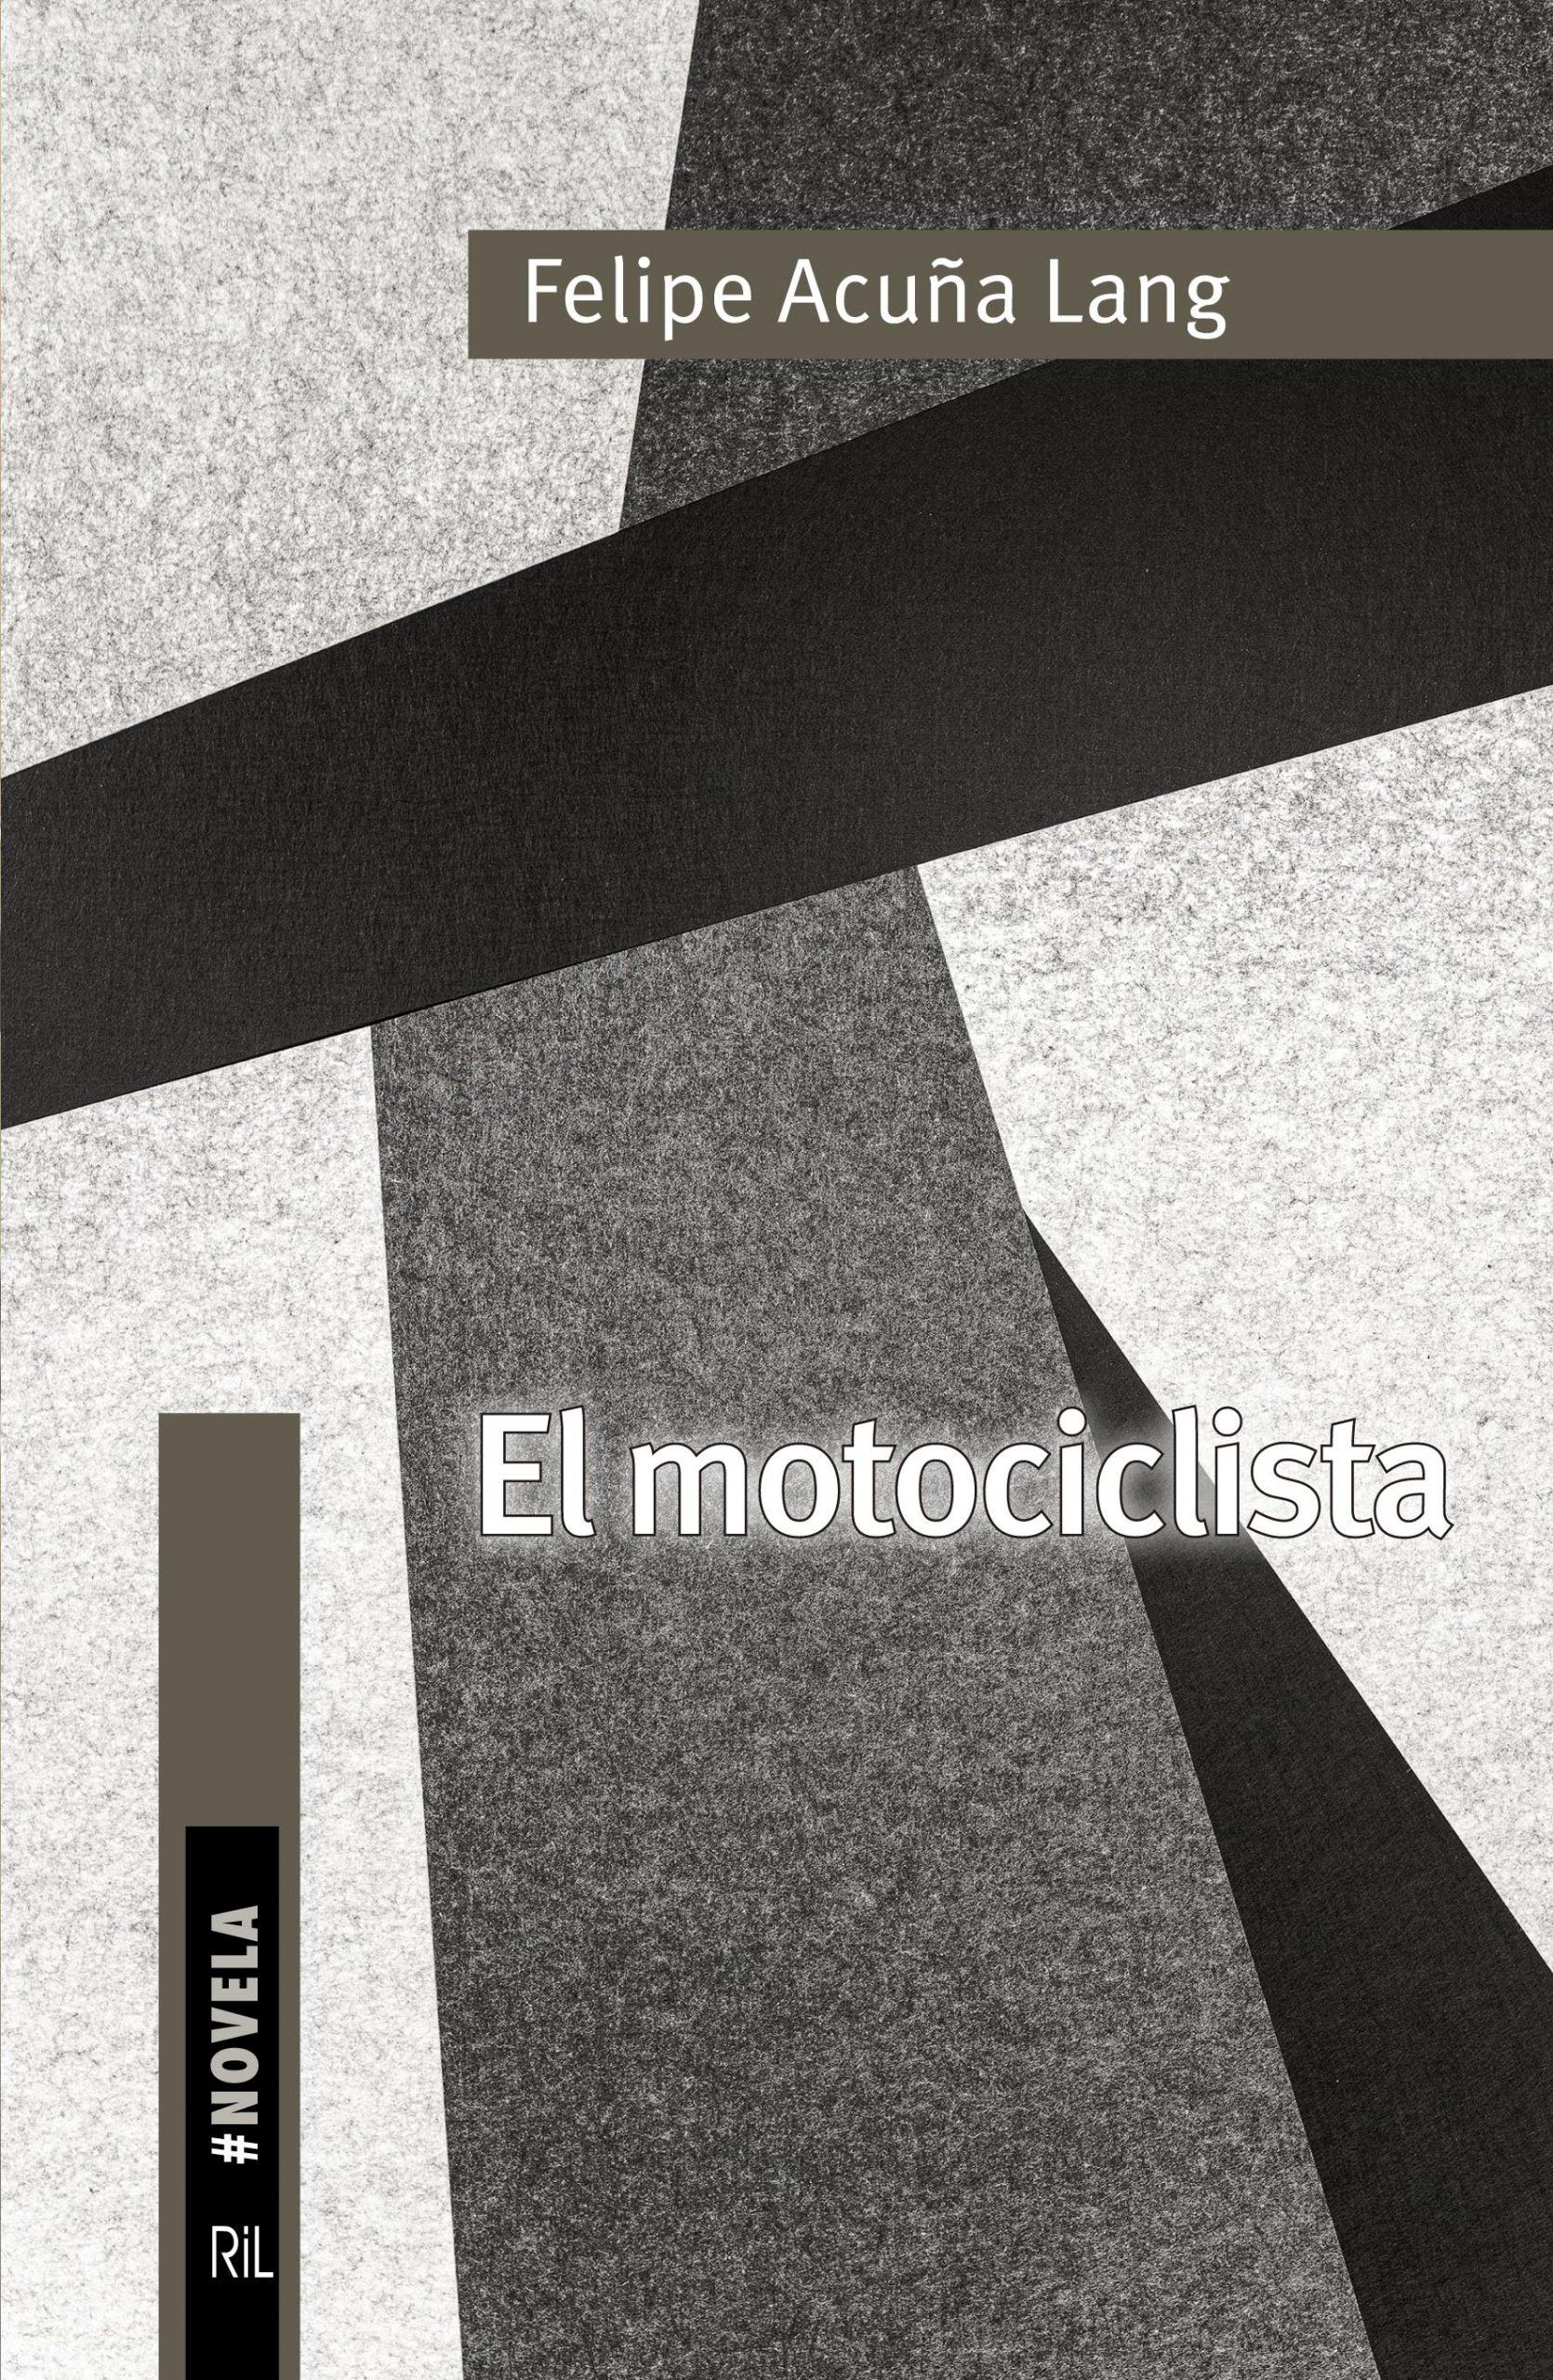 9788418065583 - Acuña - 2021 - El motociclista-1